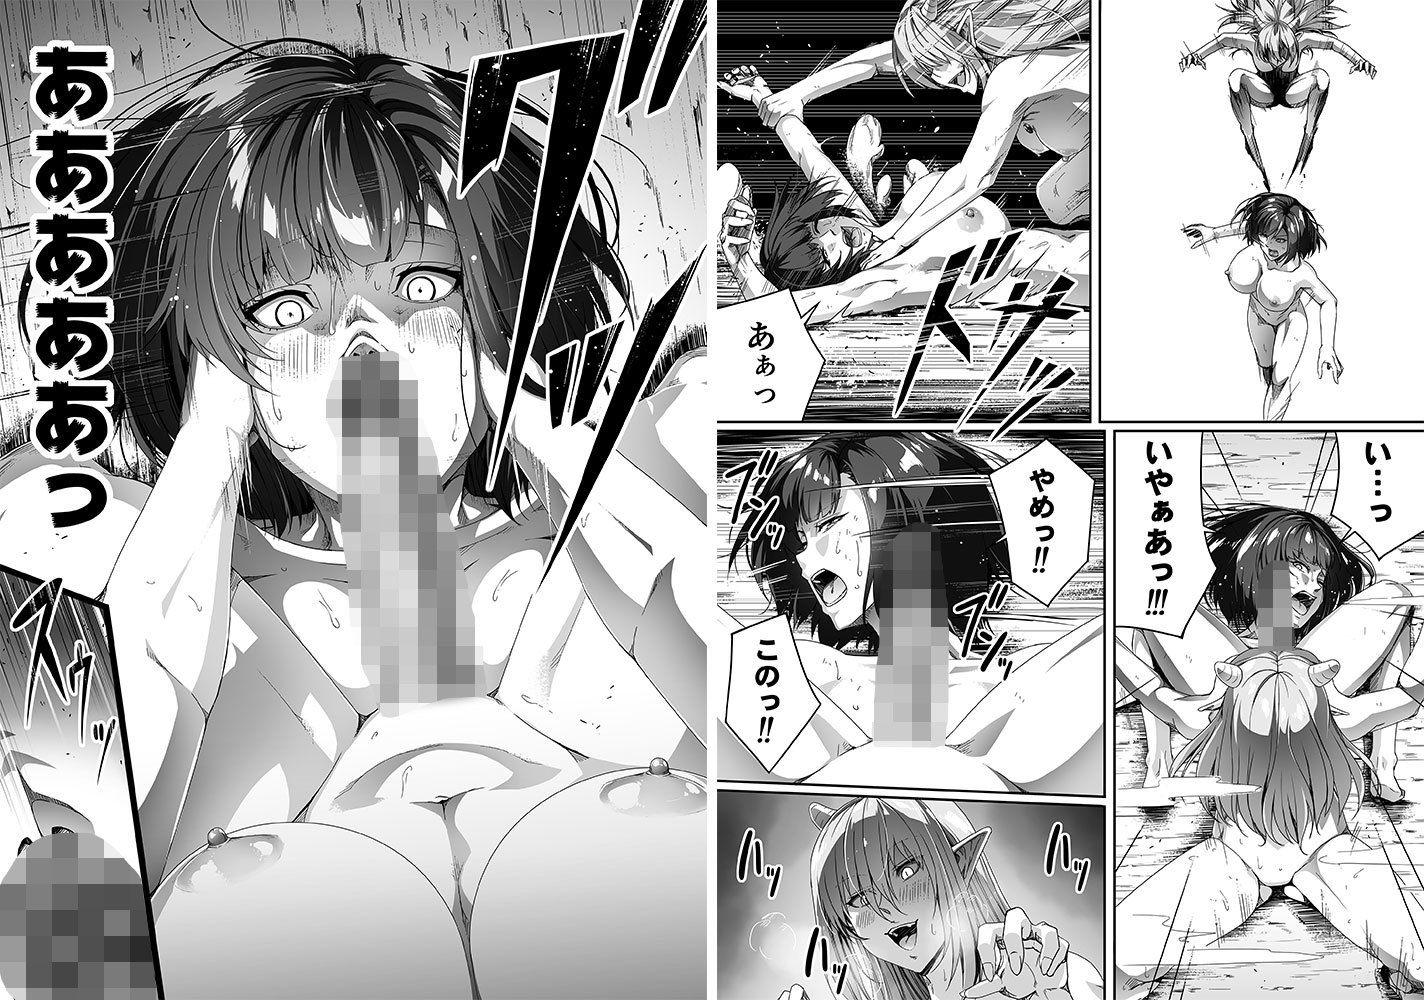 力あるサキュバスは性欲を満たしたいだけ 1【同人エロ漫画】(Road=ロード=)10